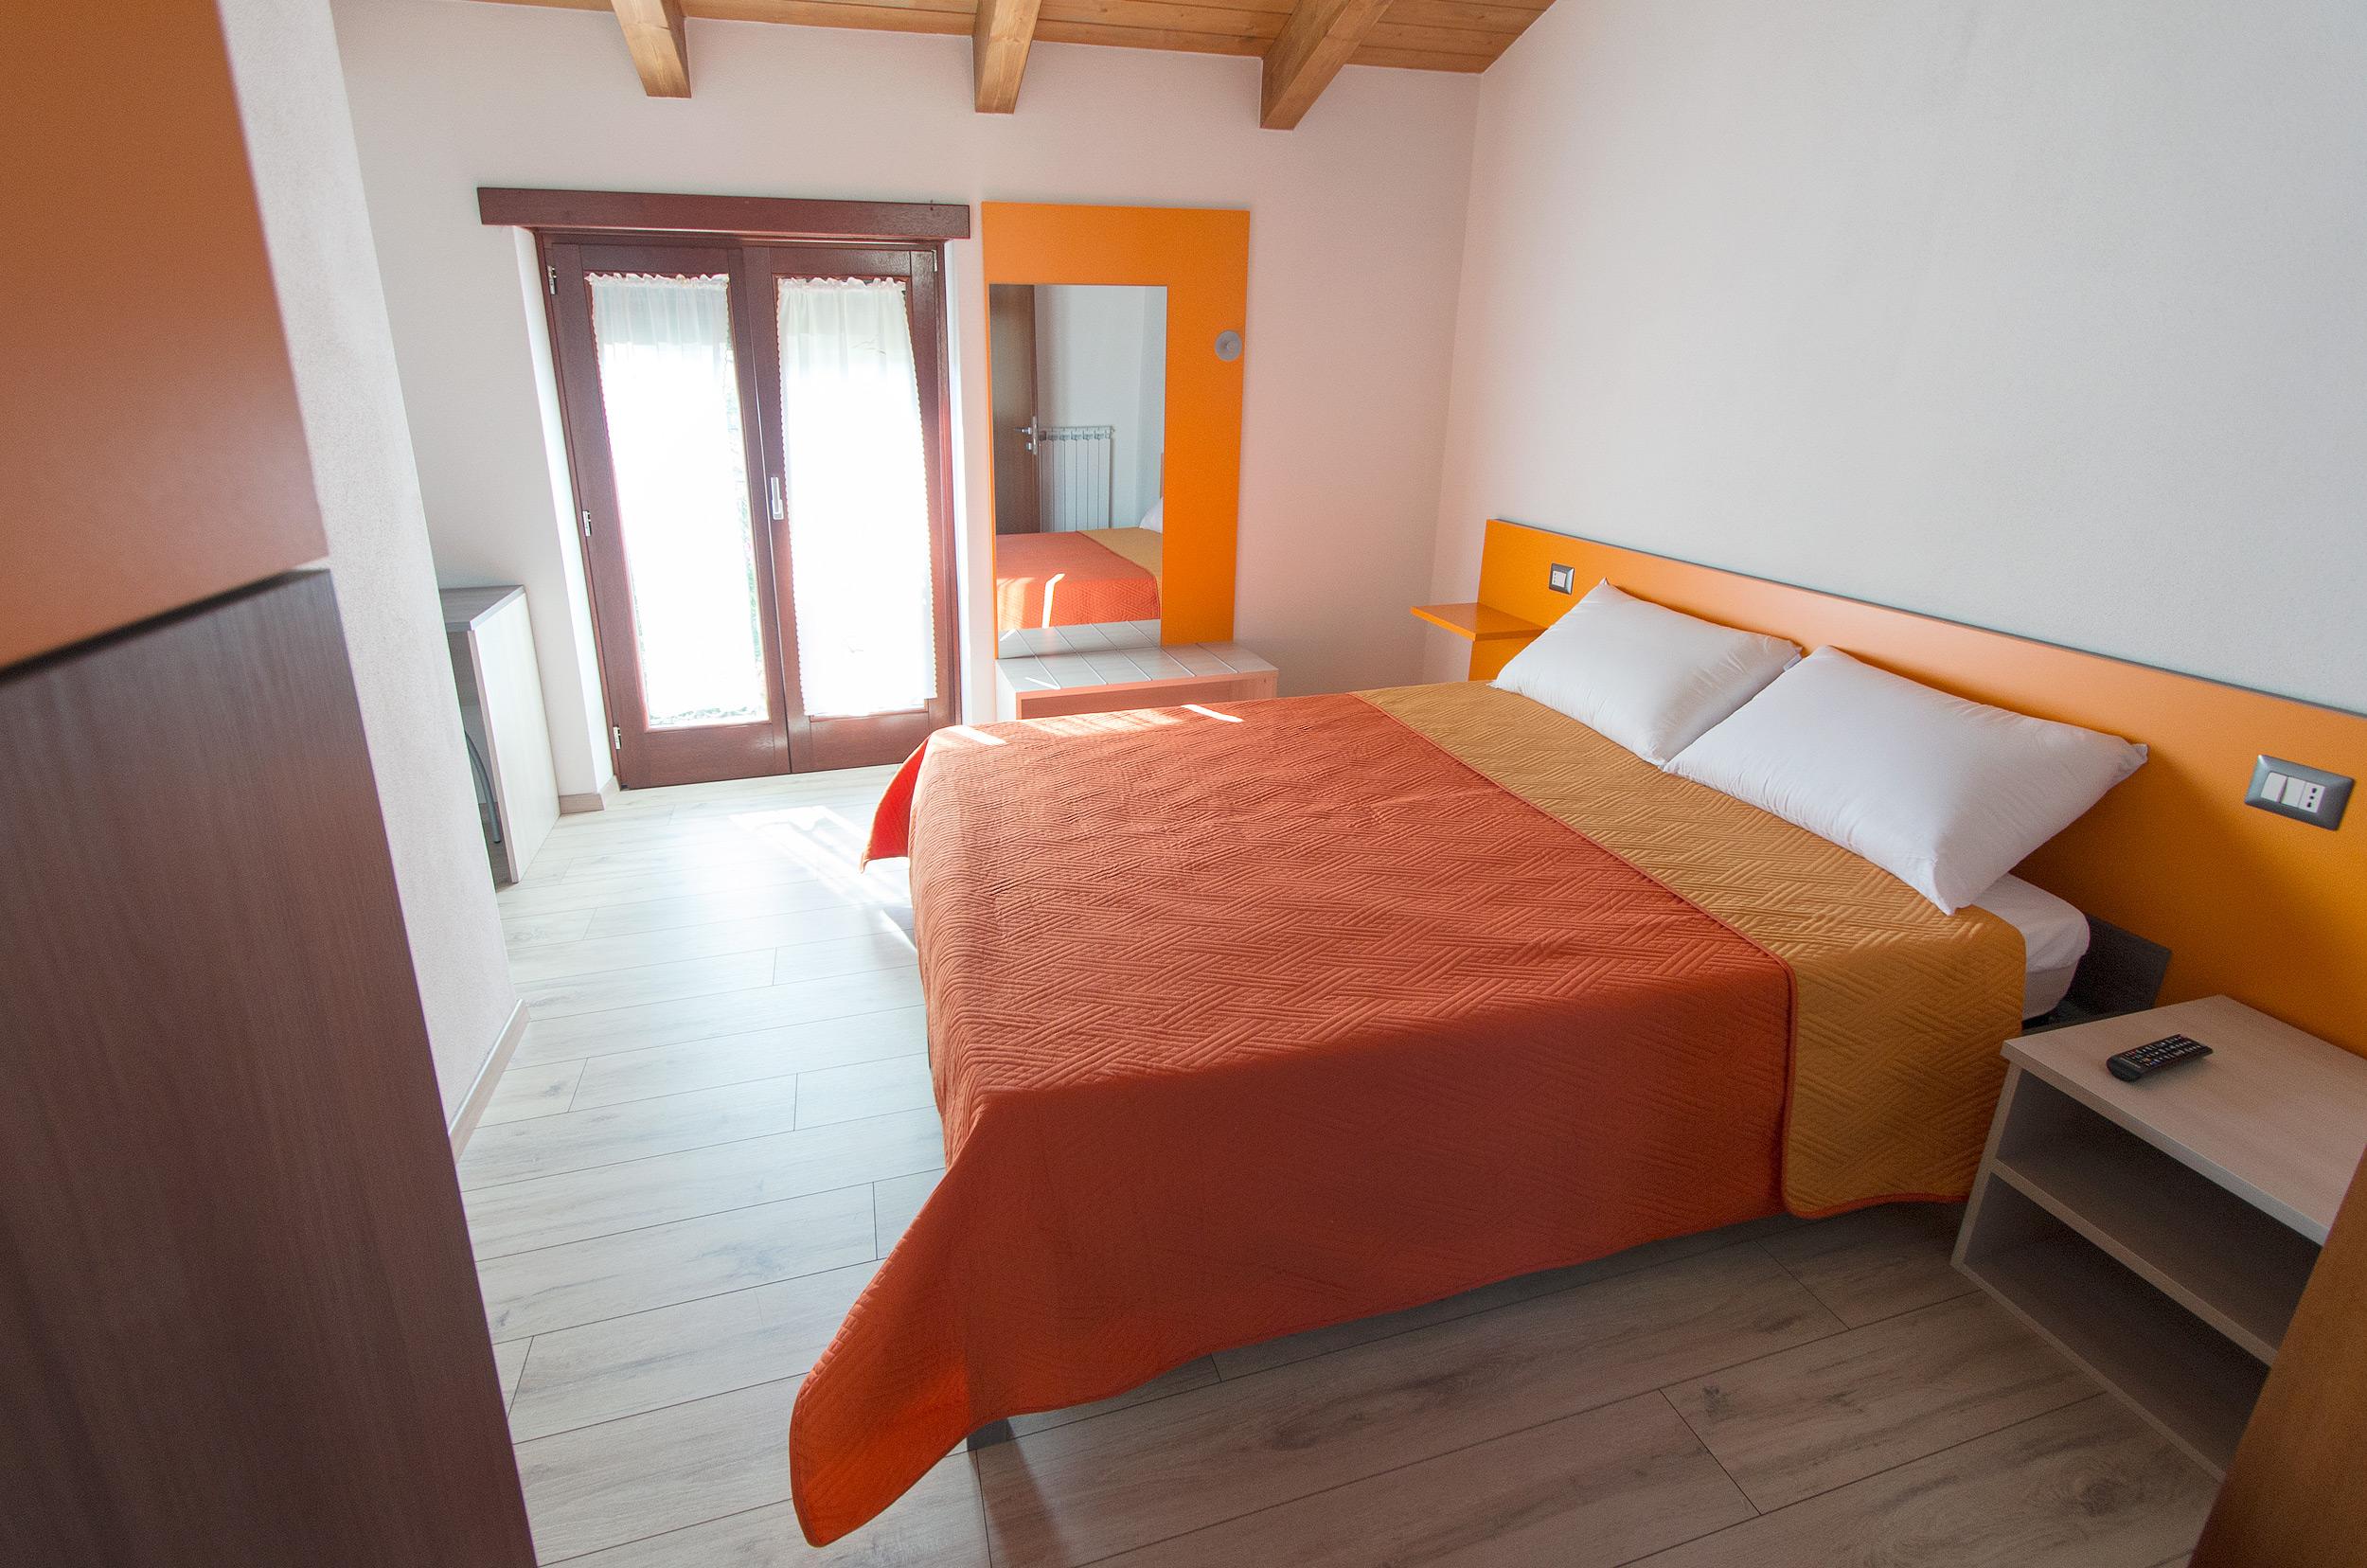 la stanza Arancione